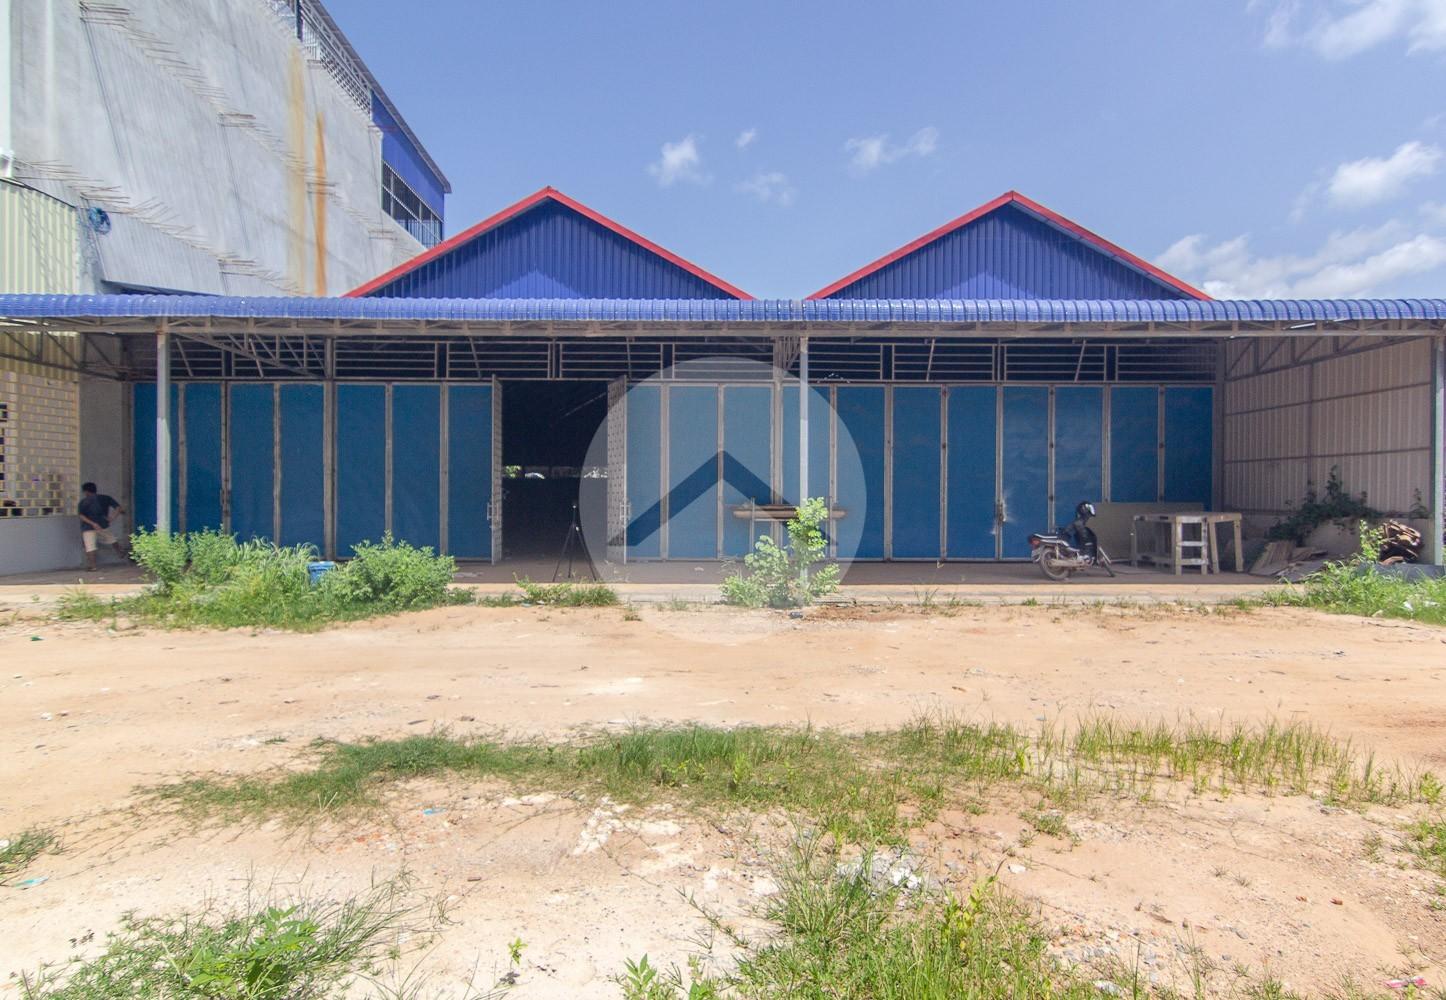 462 Sqm Warehouse For Rent - Slor Kram, Siem Reap